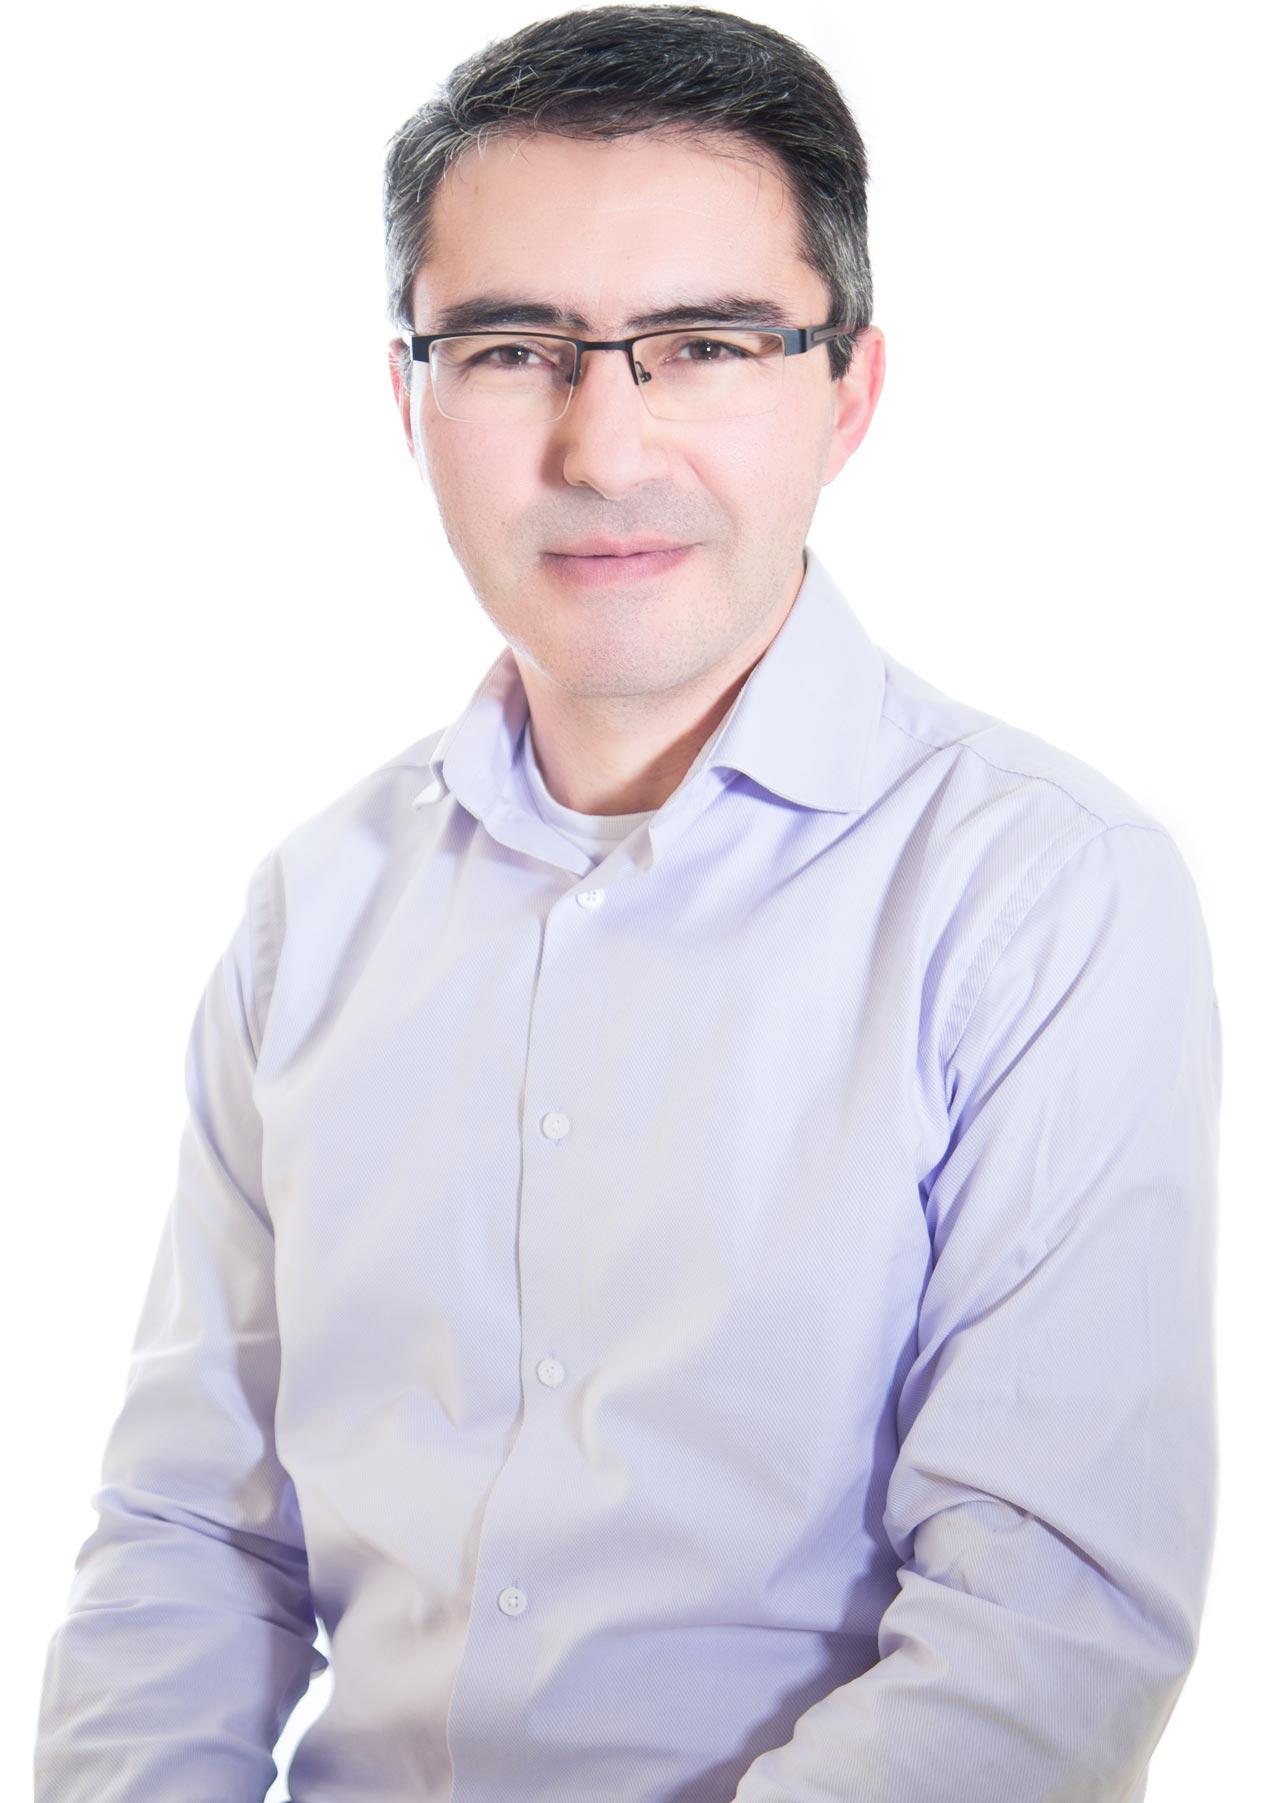 Jean-Michel Navarro-cano